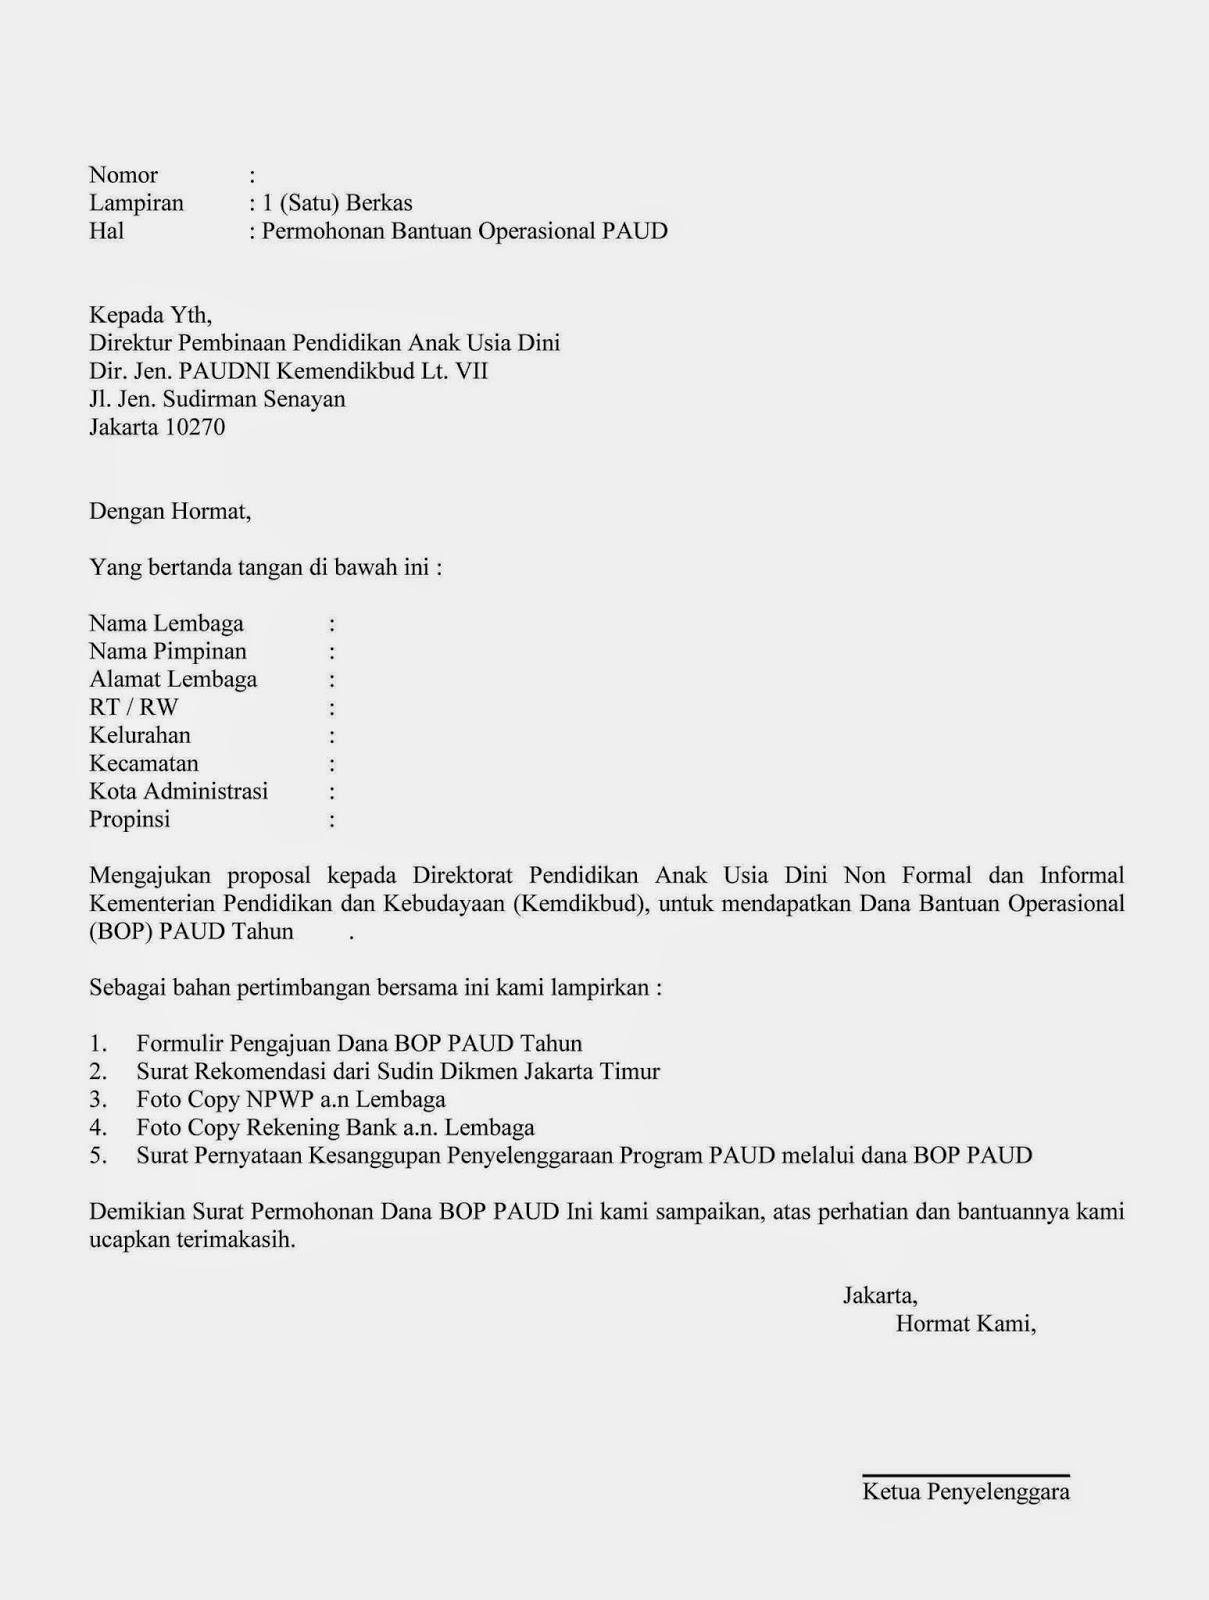 contoh surat permohonan bantuan operasional bop paud